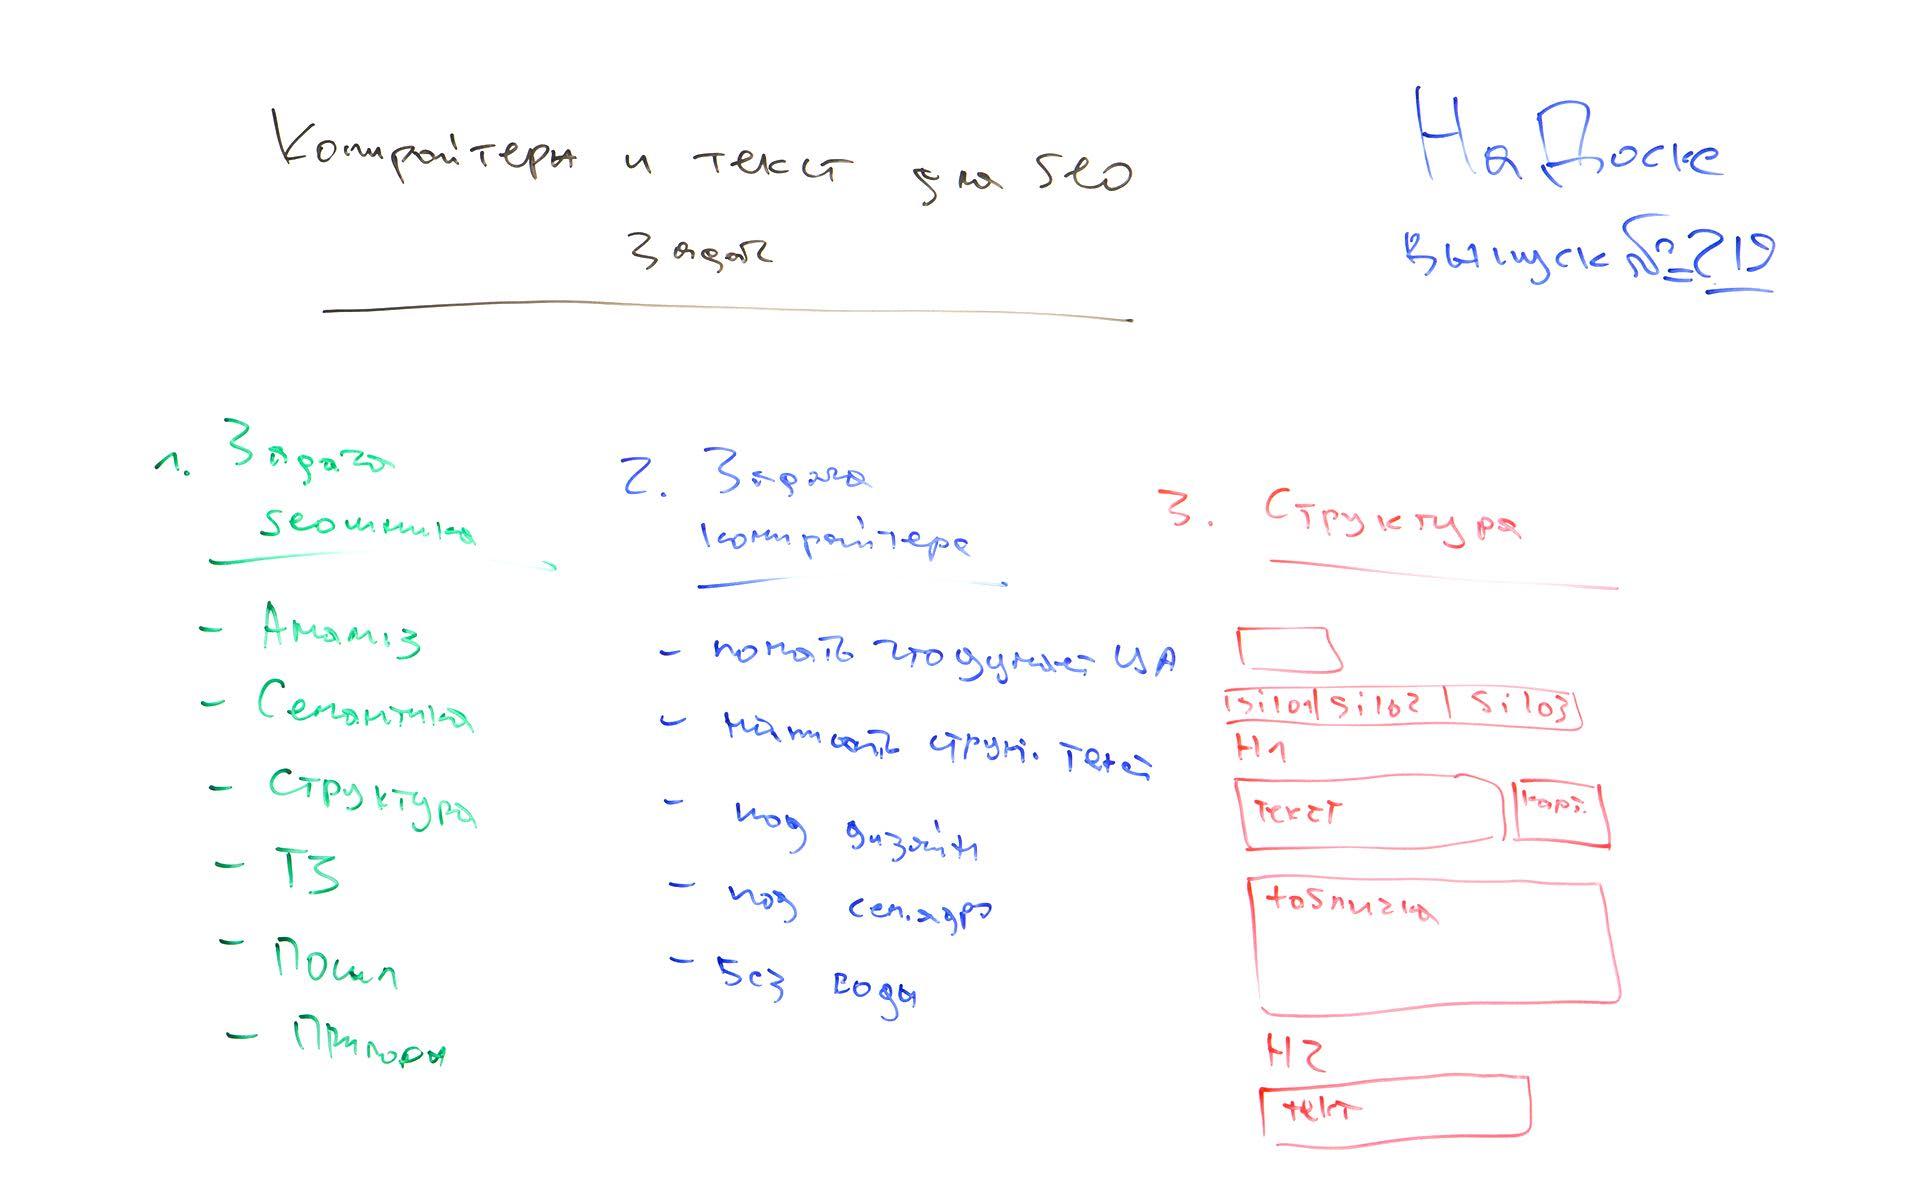 Фото с доски: Нужен ли копирайтер для SEO задач? – На Доске – выпуск № 219